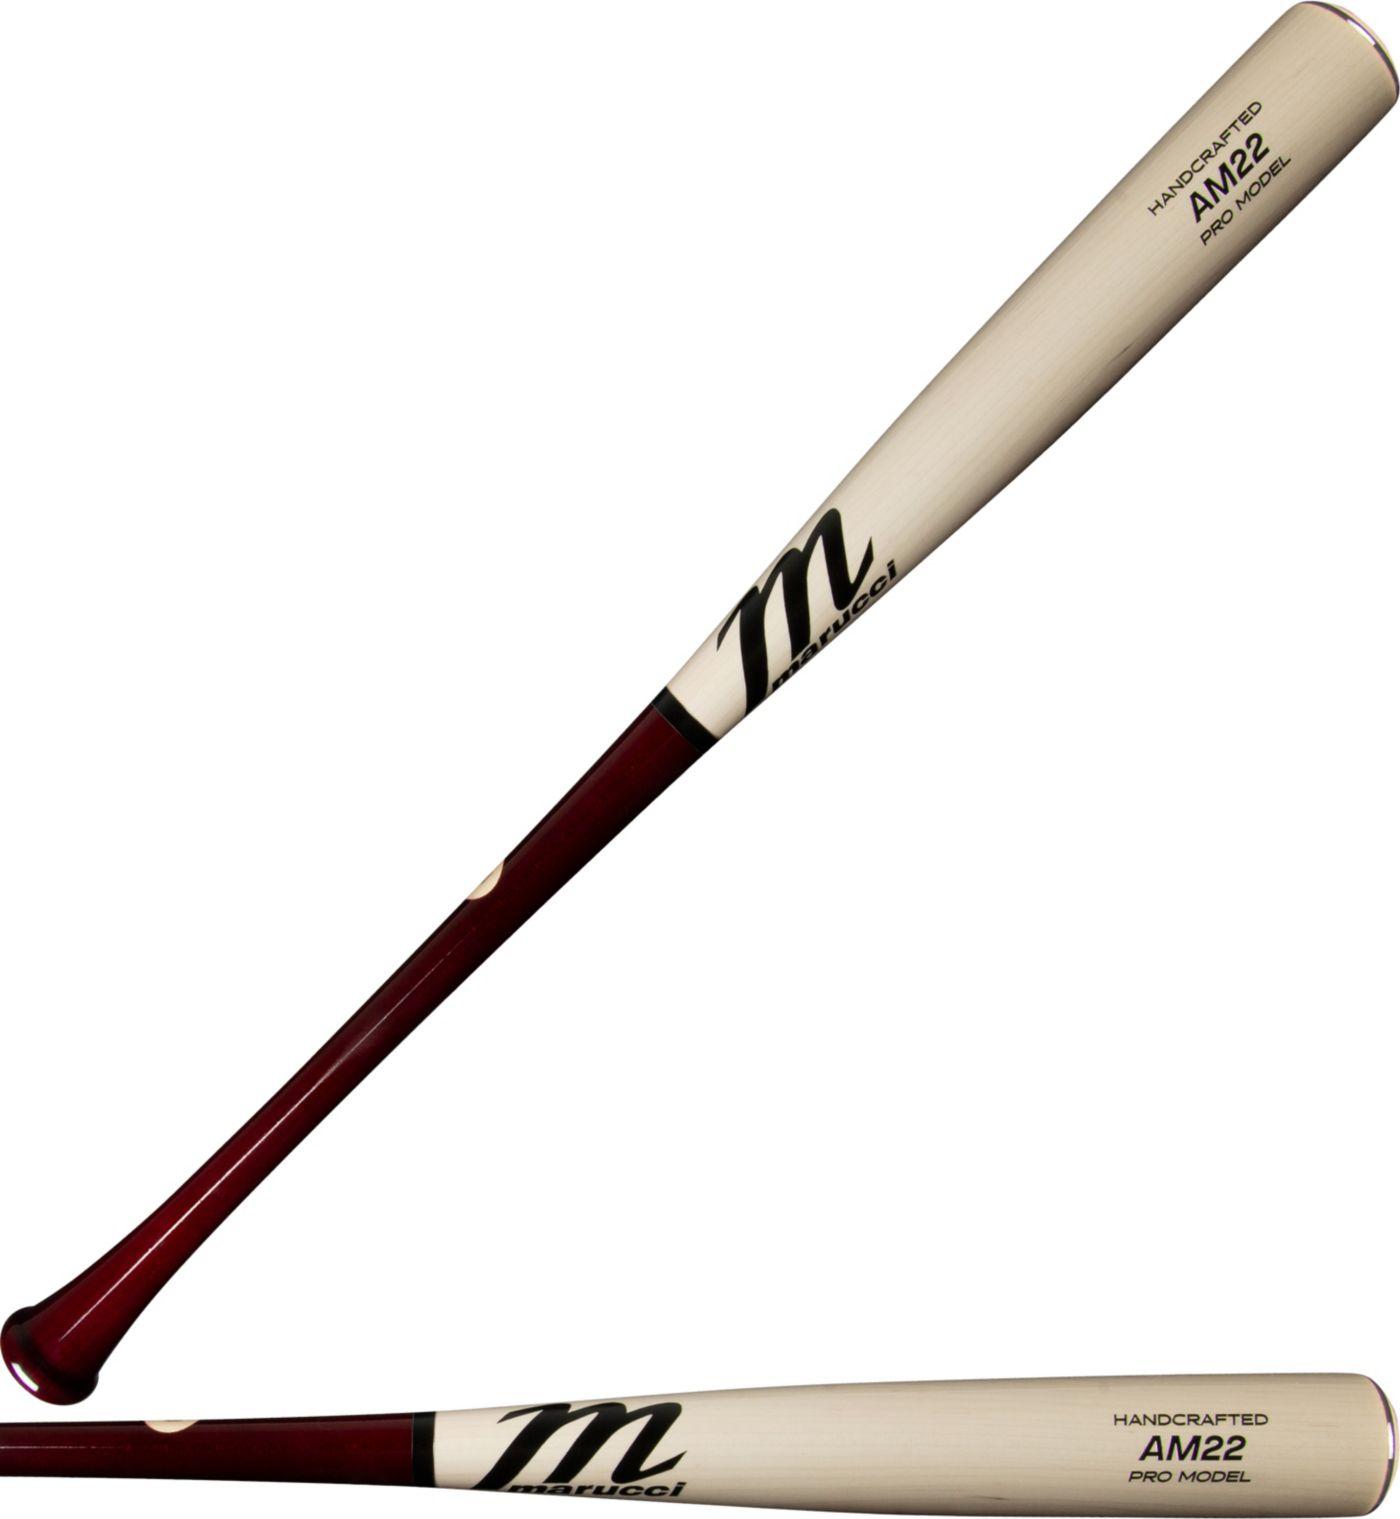 Marucci AM22 Andrew McCutchen Pro Maple Bat